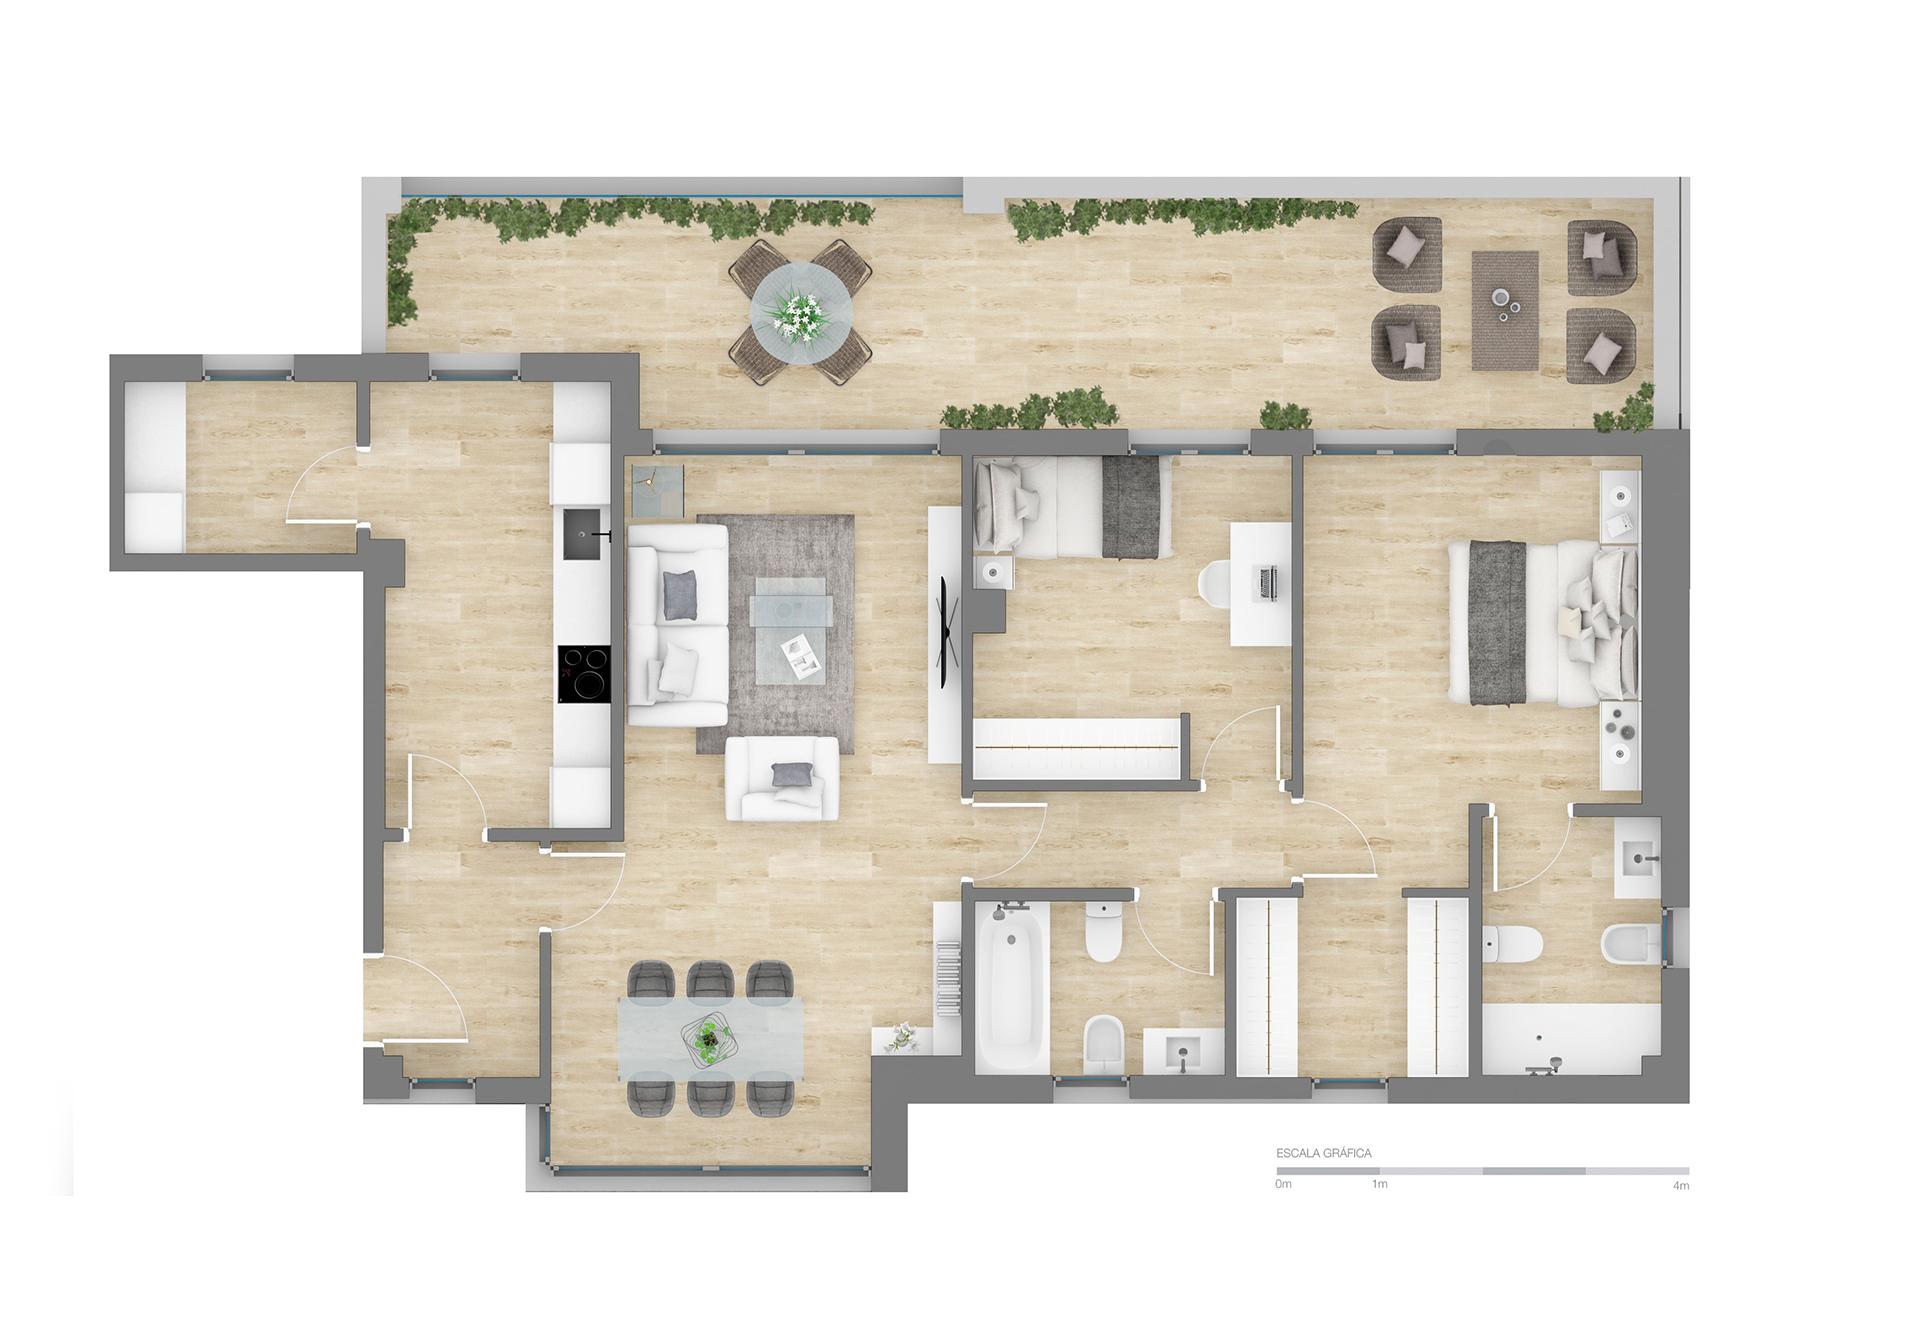 Altos de PozoAlbero | 2 Dormitorios